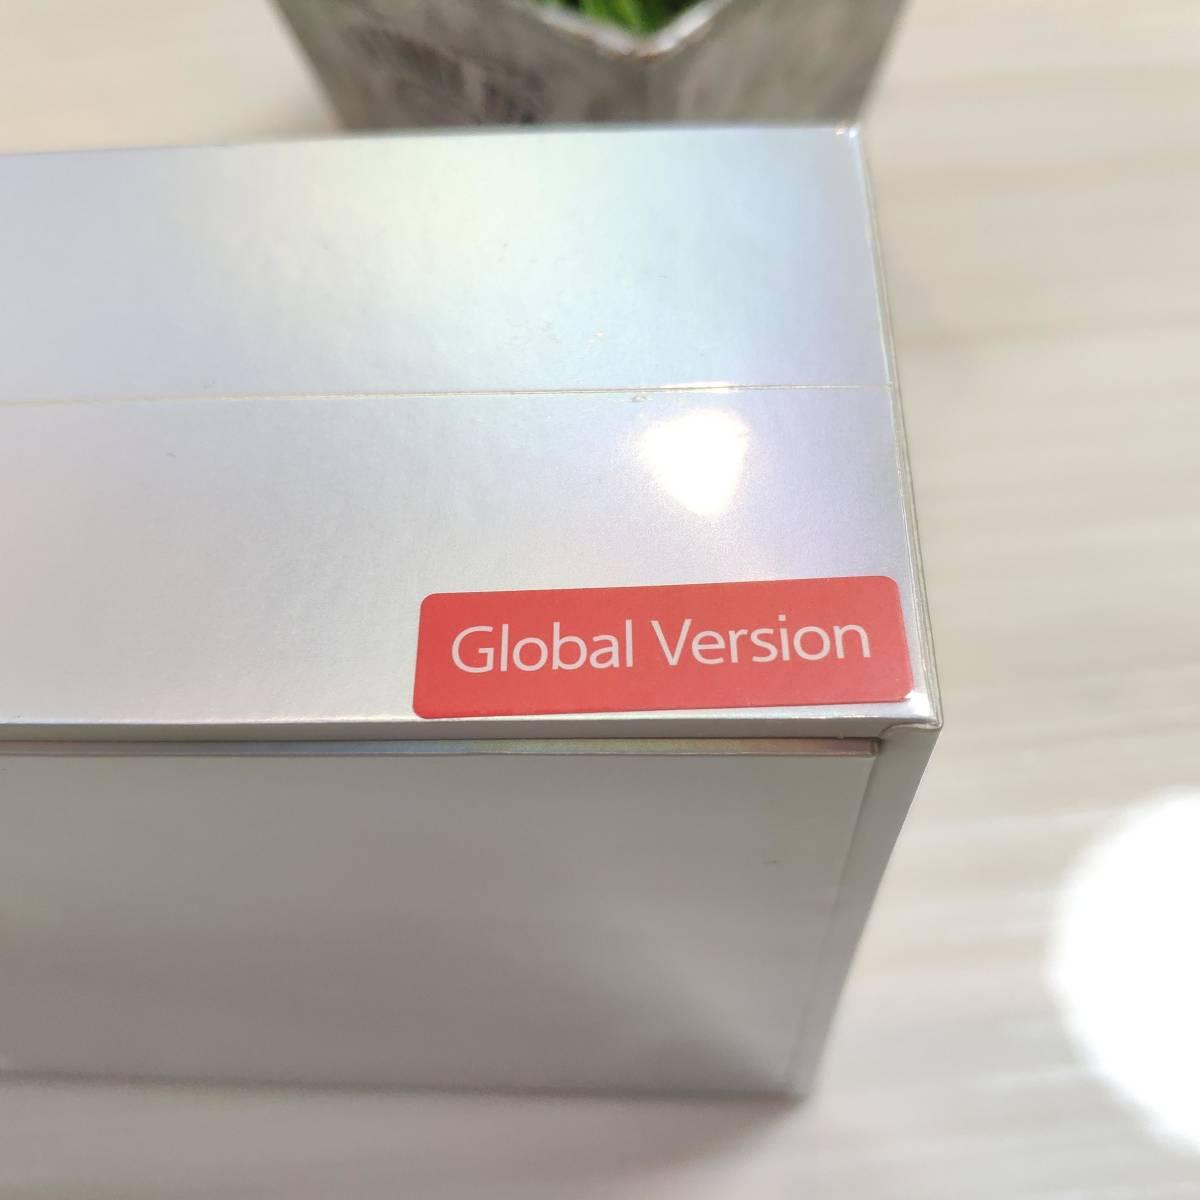 ★新品未使用★Xiaomi mi9 公式グローバルバージョン ブルー SIMフリー 日本語対応 ハイスペック Snapdragon 855 6GB/128GB_画像2